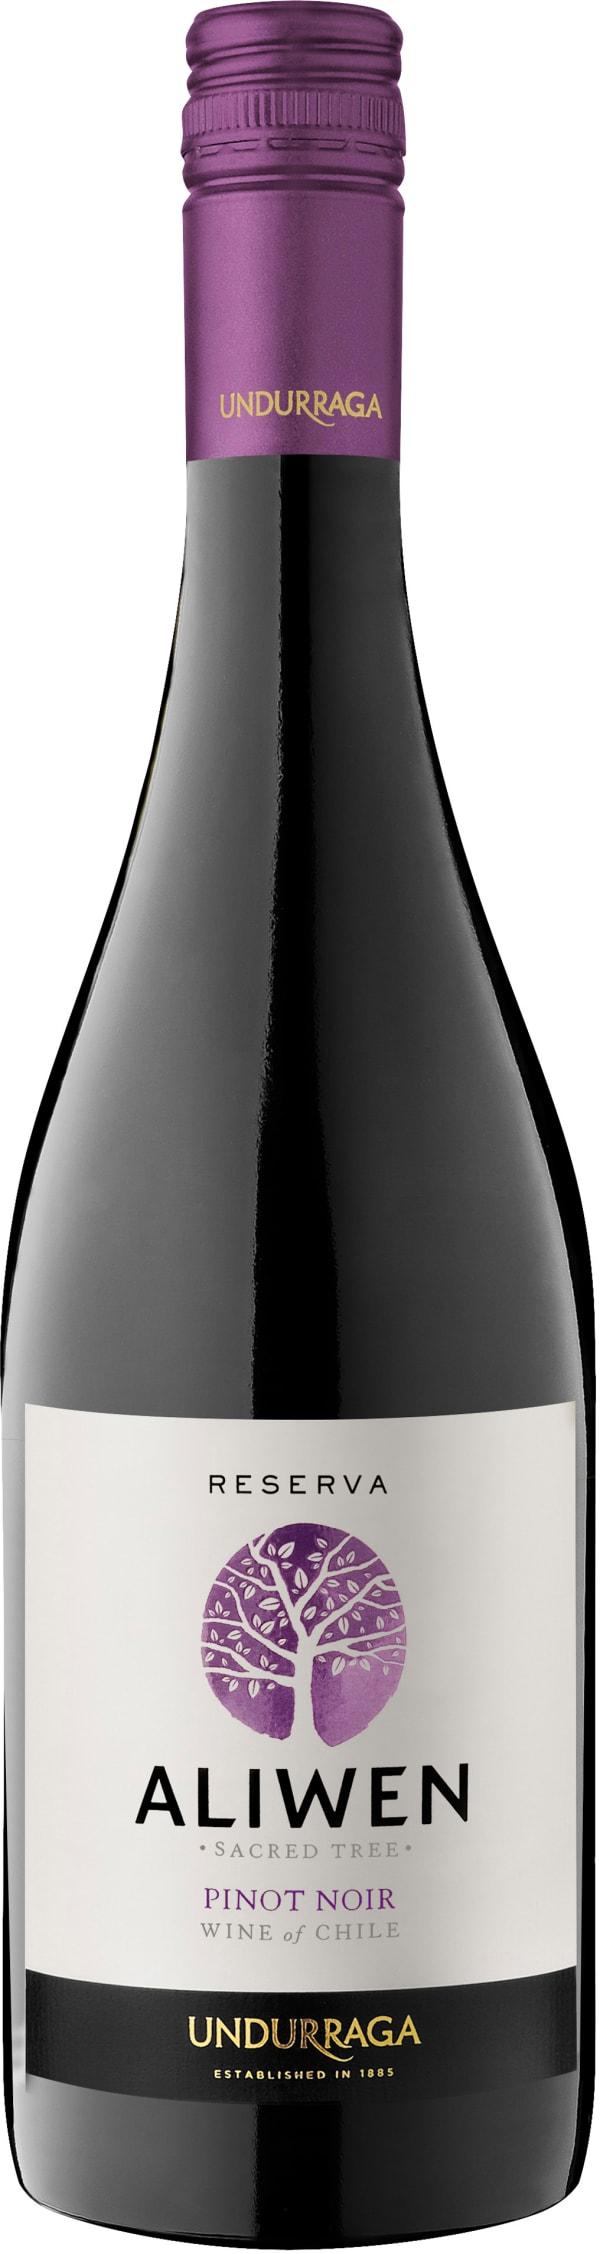 Aliwen Pinot Noir Reserva 2016